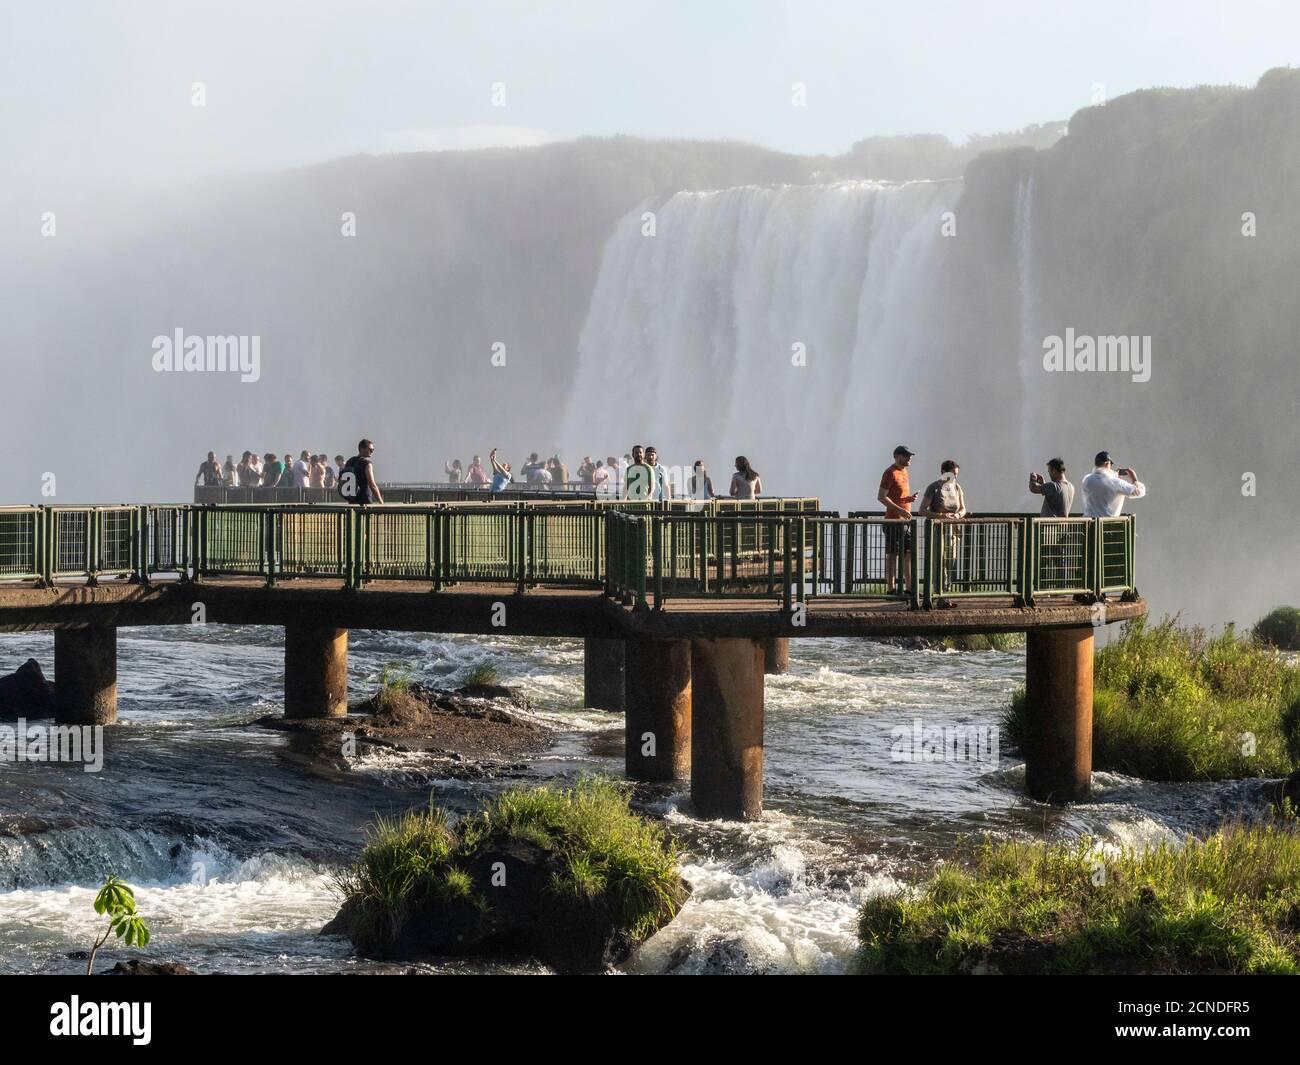 Touristes sur la plate-forme d'observation des chutes d'Iguaçu (Cataratas do Iguaçu), site classé au patrimoine mondial de l'UNESCO, du côté brésilien, Parana, Brésil Banque D'Images